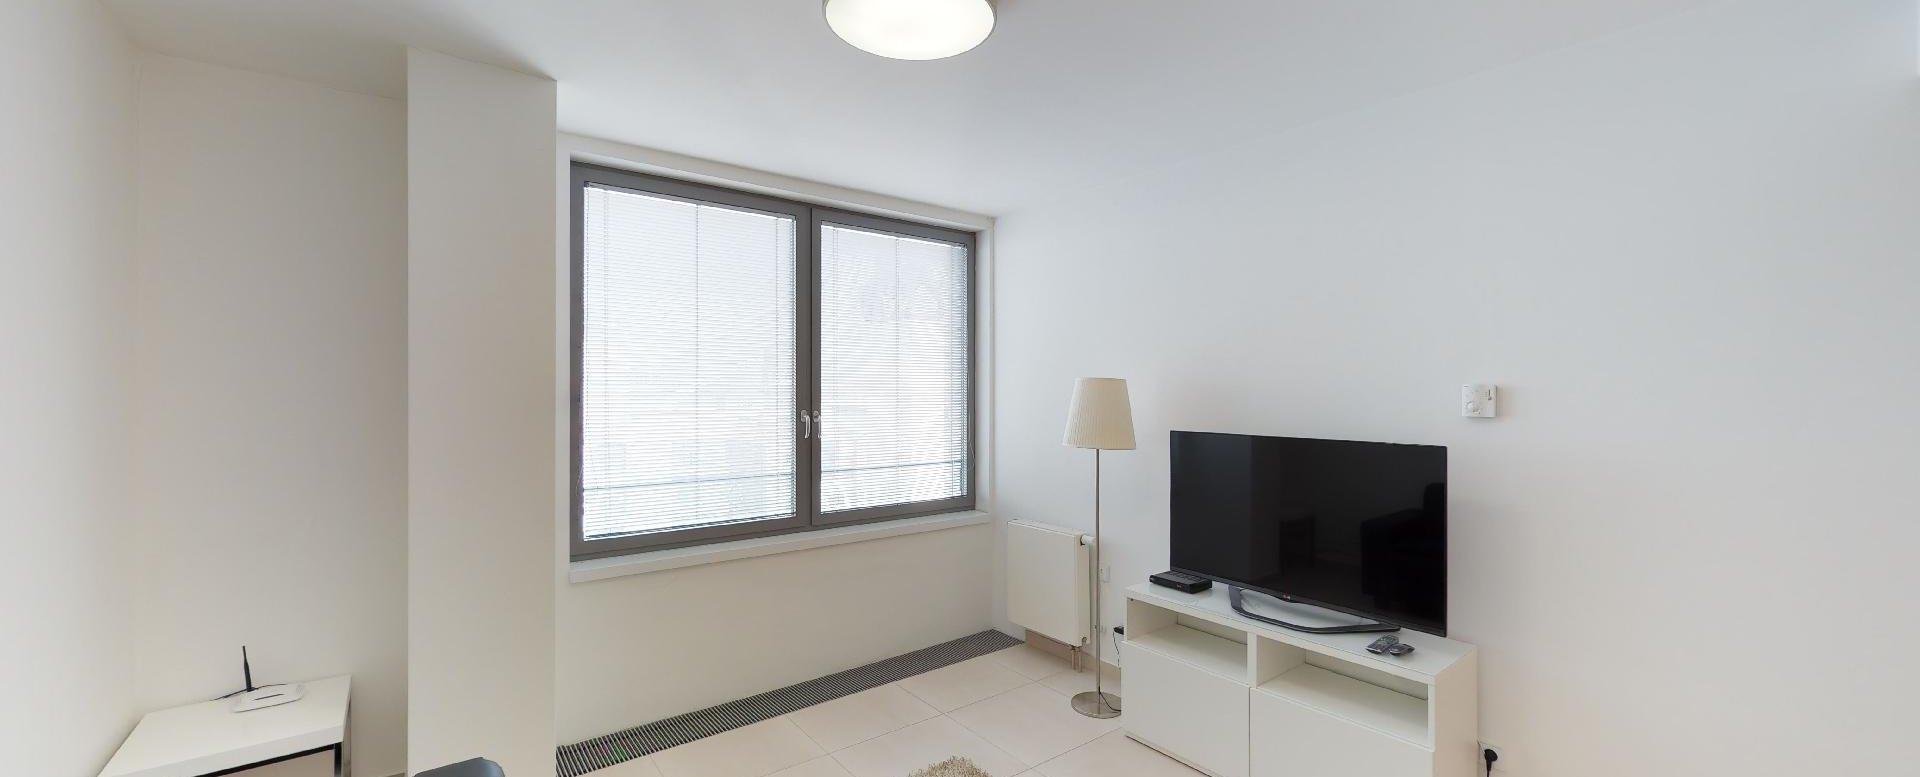 Pohľad na TV a okno